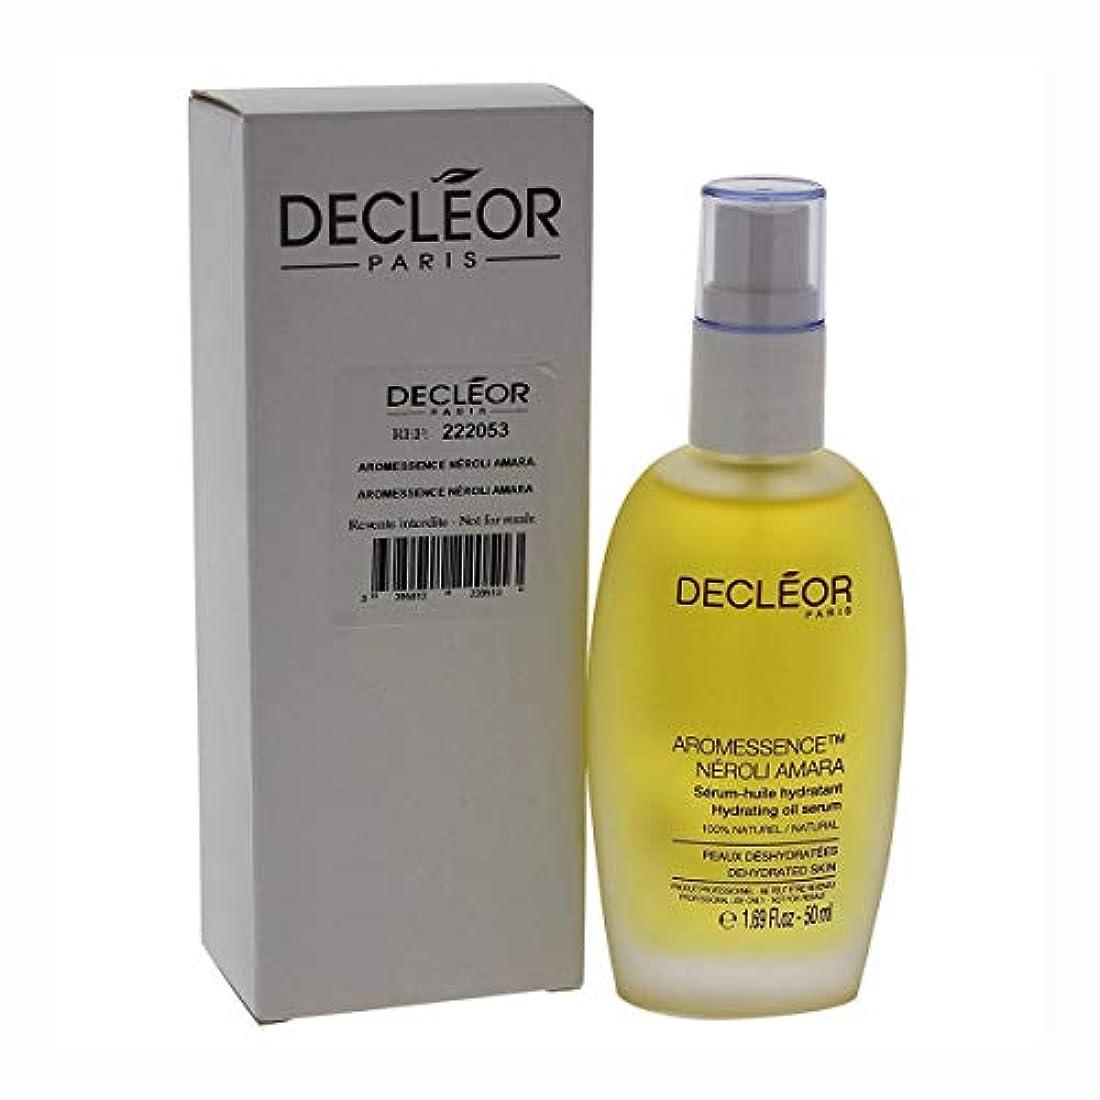 はっきりと実験的構成員デクレオール Aromessence Neroli Amara Hydrating Oil Serum - For Dehydrated Skin (Salon Size) 50ml/1.69oz並行輸入品